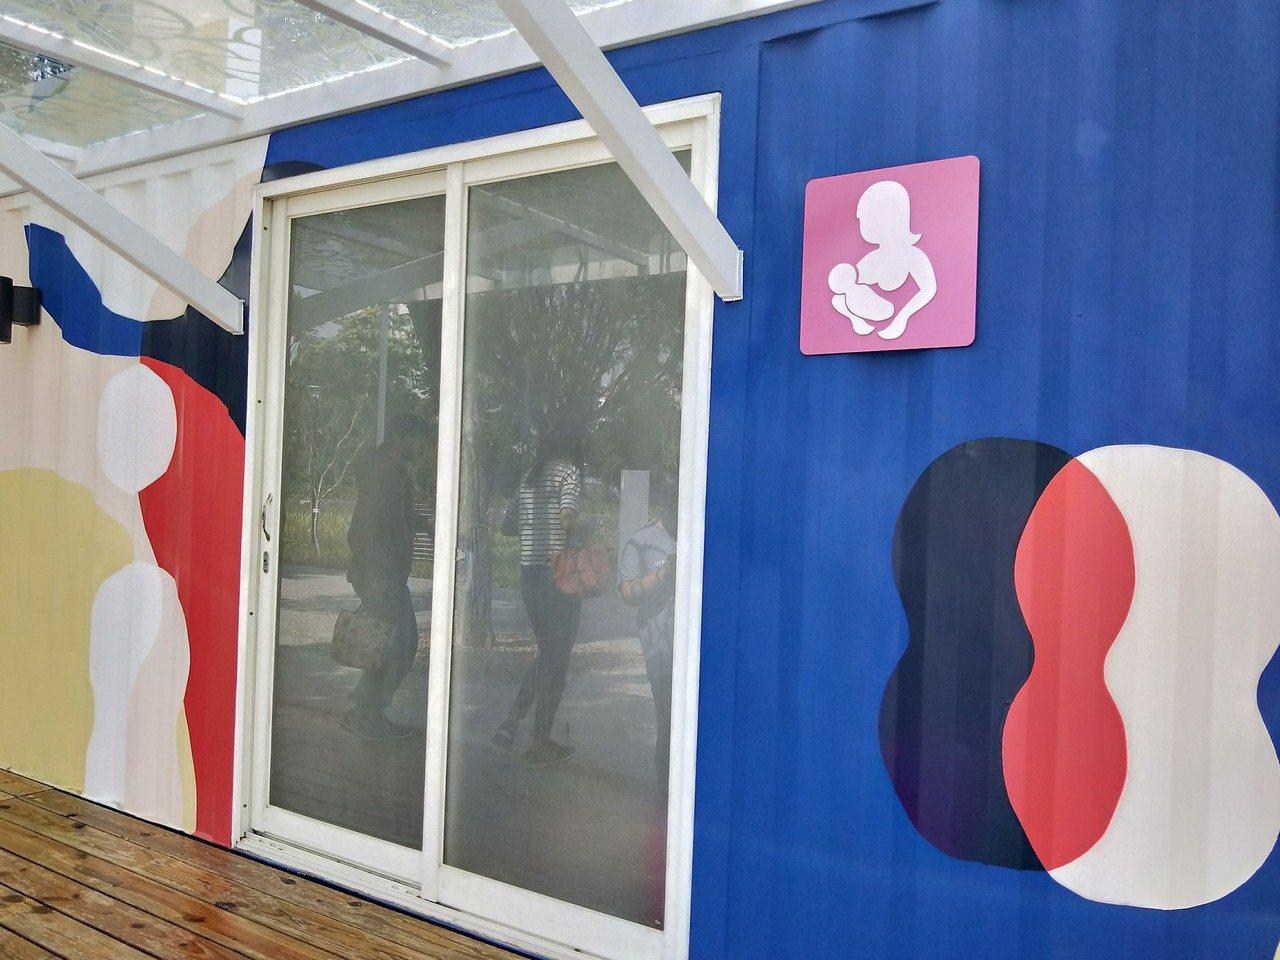 台中花博葫蘆墩園區以貨櫃屋搭設哺乳室,提供哺乳媽媽使用。 圖/台中市衛生局提供